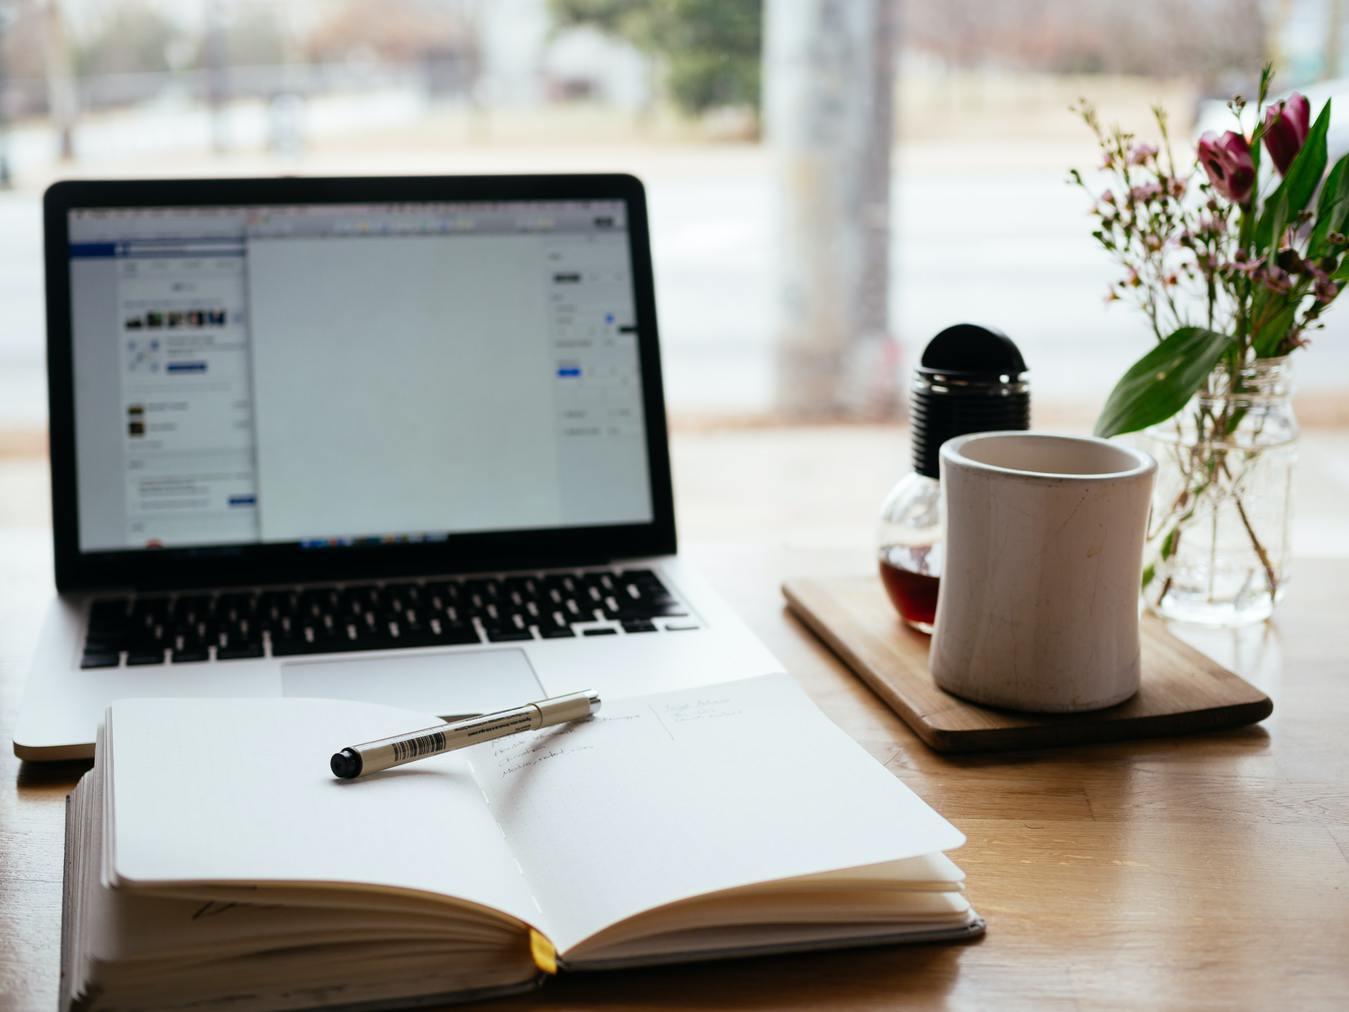 Diario abierto en una mesa con una taza y una computadora portátil